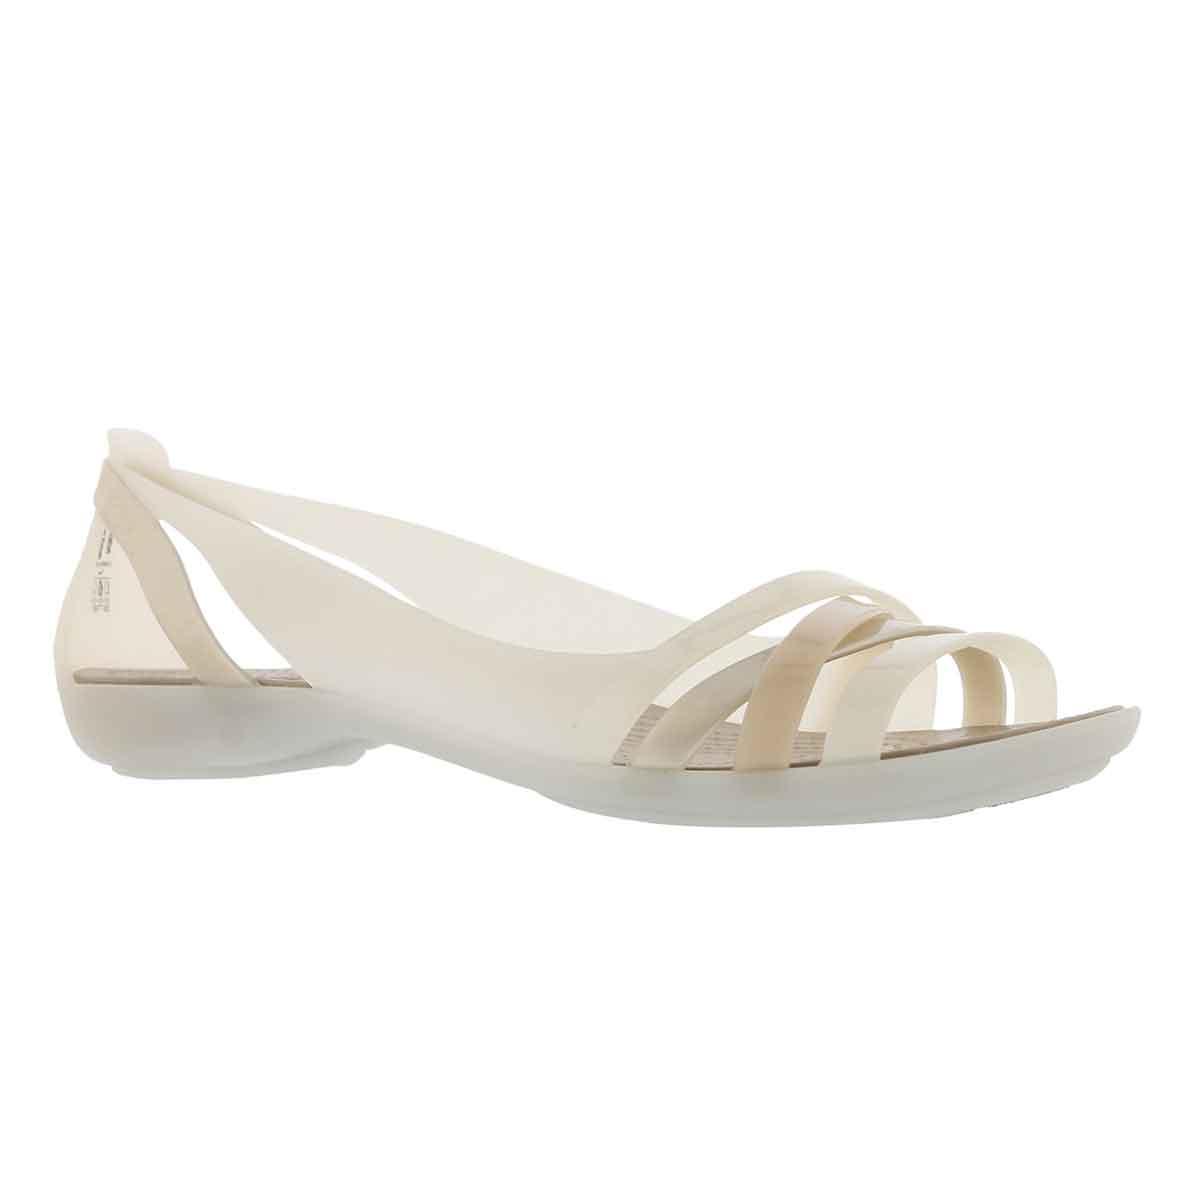 c8f27e78d86f8 Crocs Women s ISABELLA HUARACHE 2 sandals